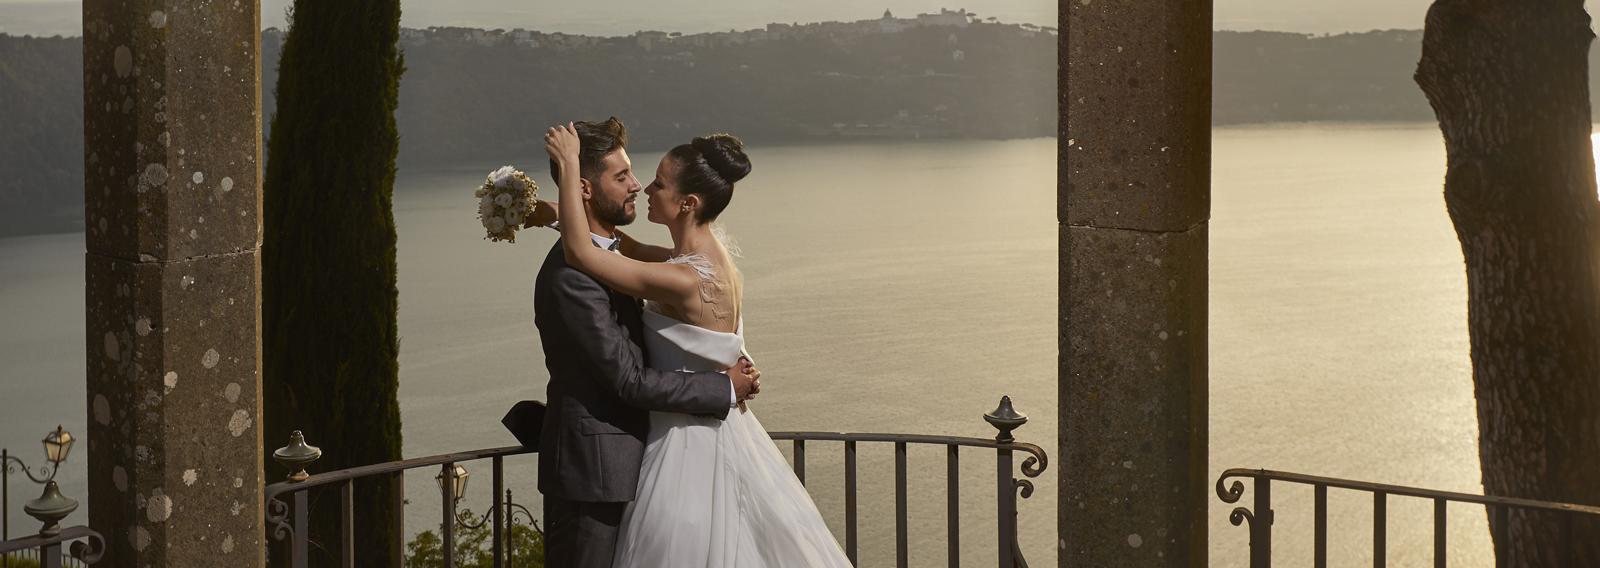 Video Matrimonio Villa del cardinale